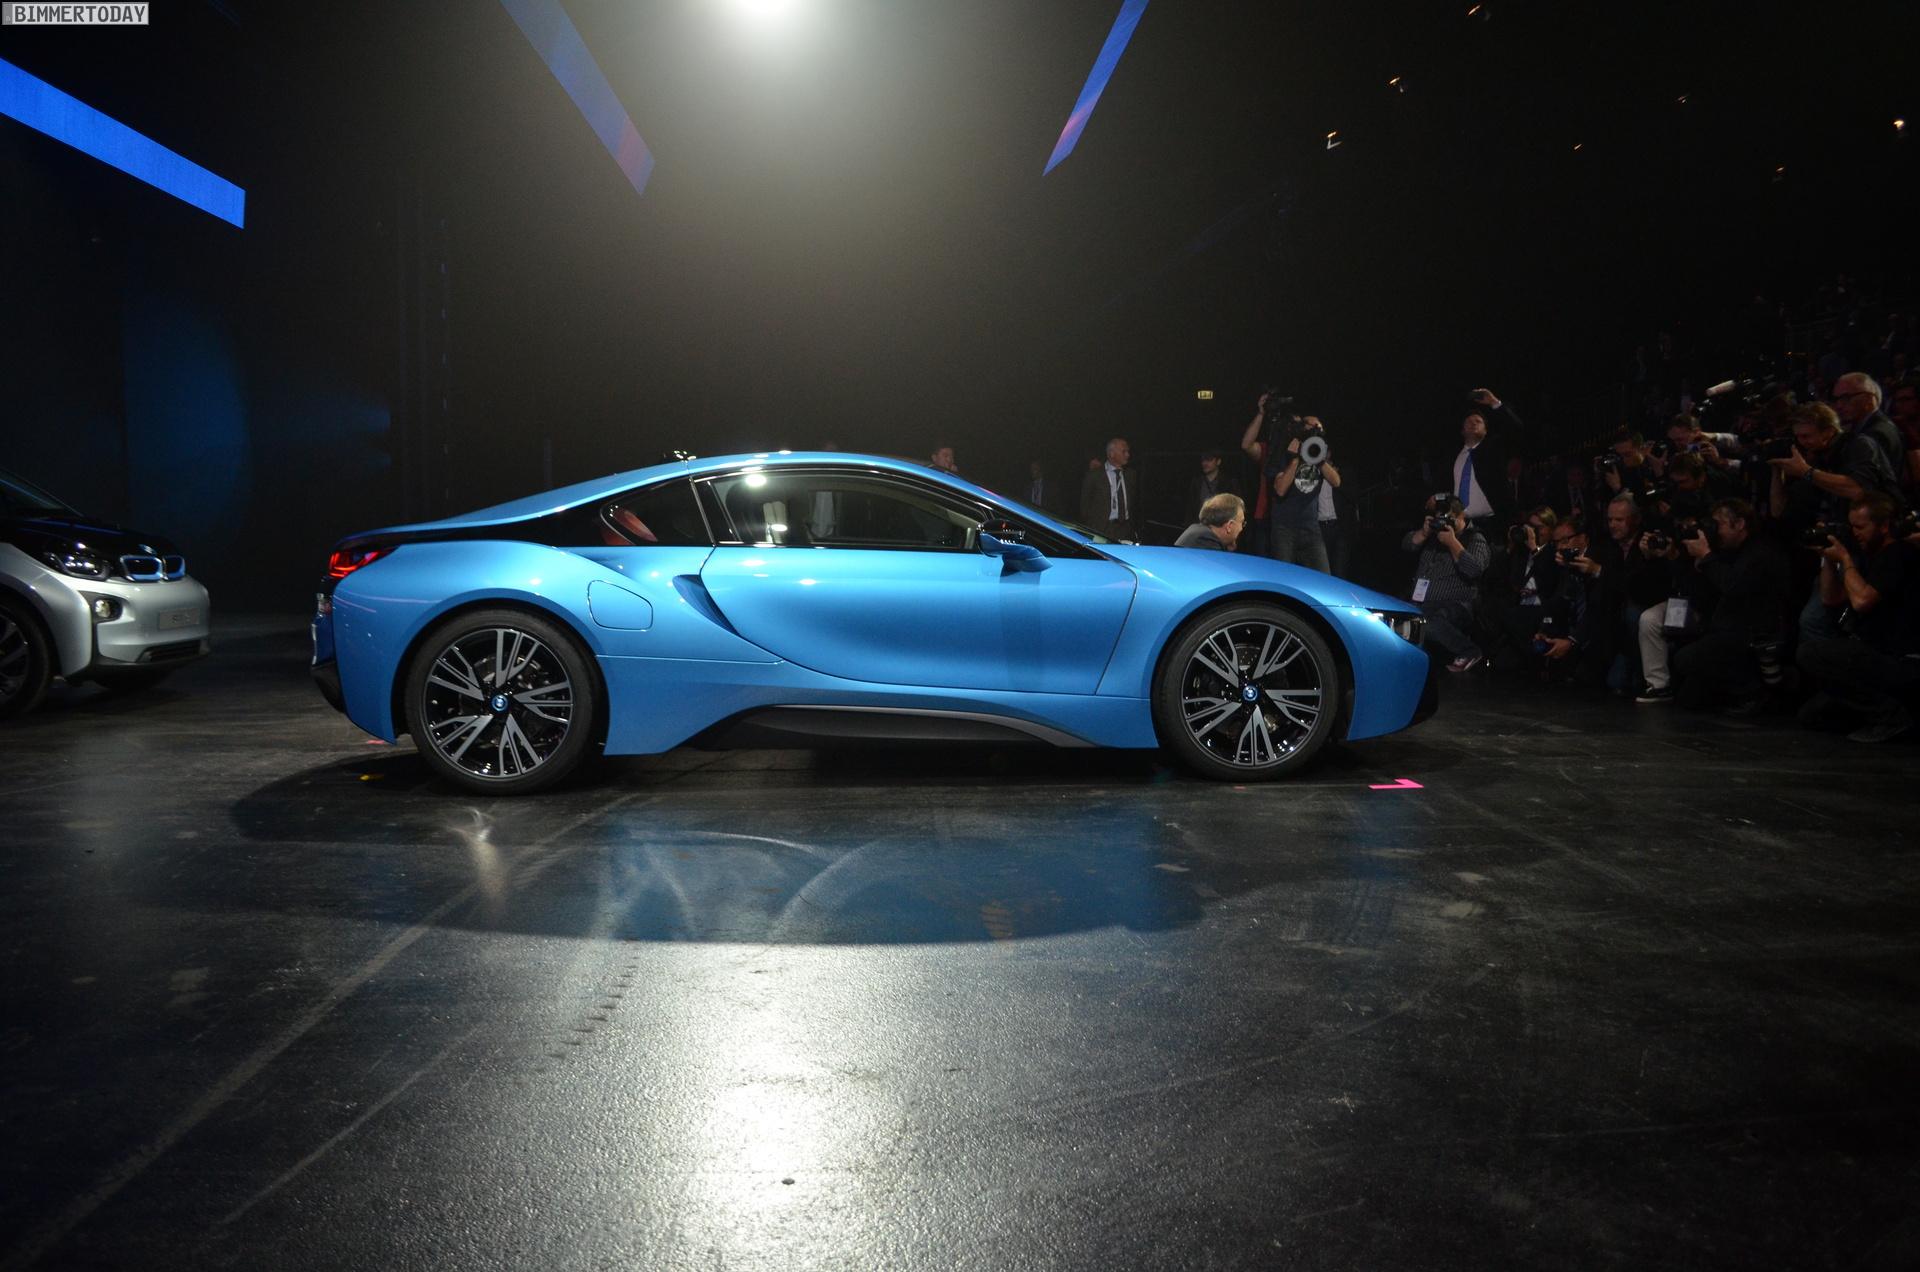 2013 - [BMW] i8 [i12] - Page 13 BMW-i8-Hybrid-eDrive-Weltpremiere-Protonic-Blue-IAA-2013-LIVE-11